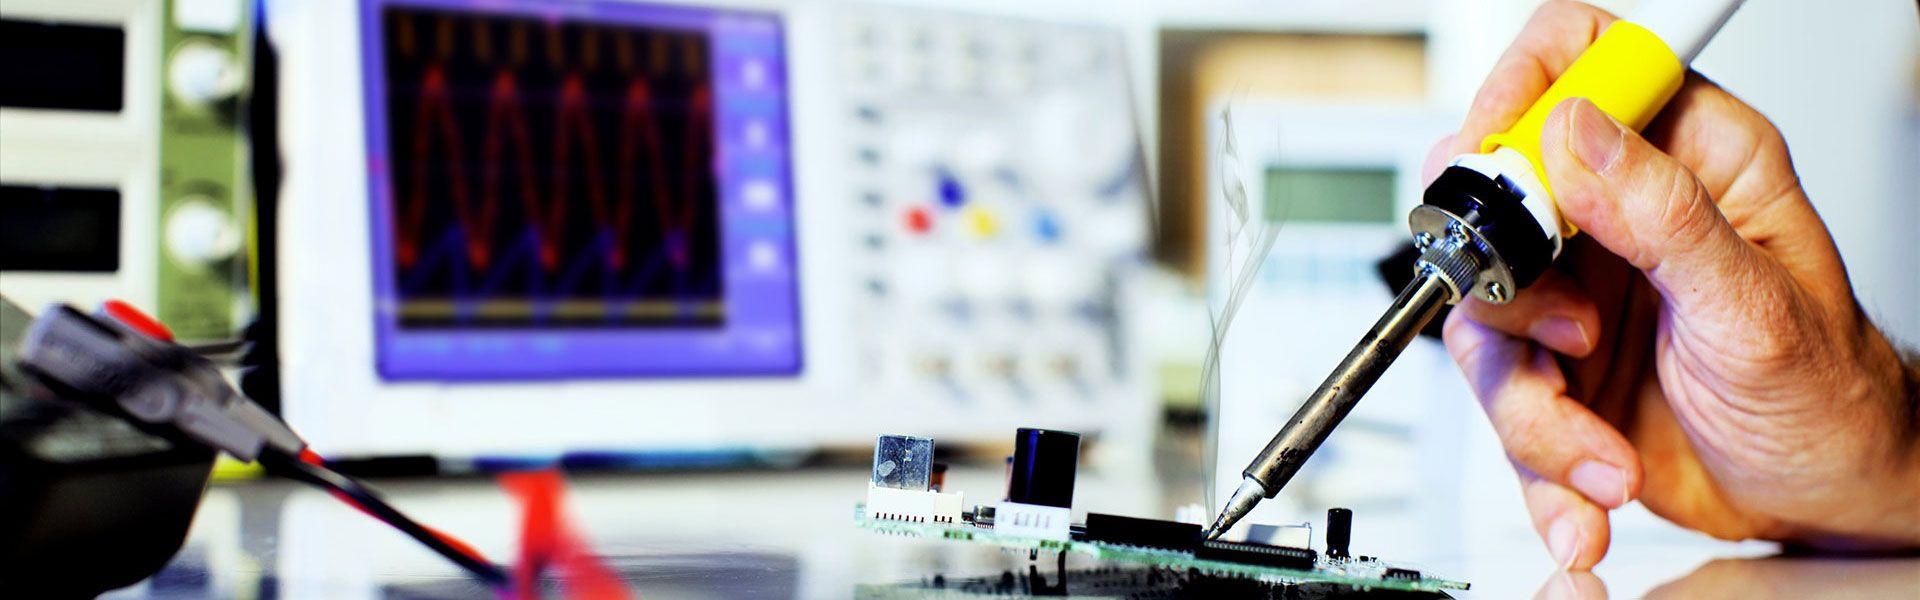 نرم افزار حسابداری و مدیریت مراکز تعمیرگاهی نوین